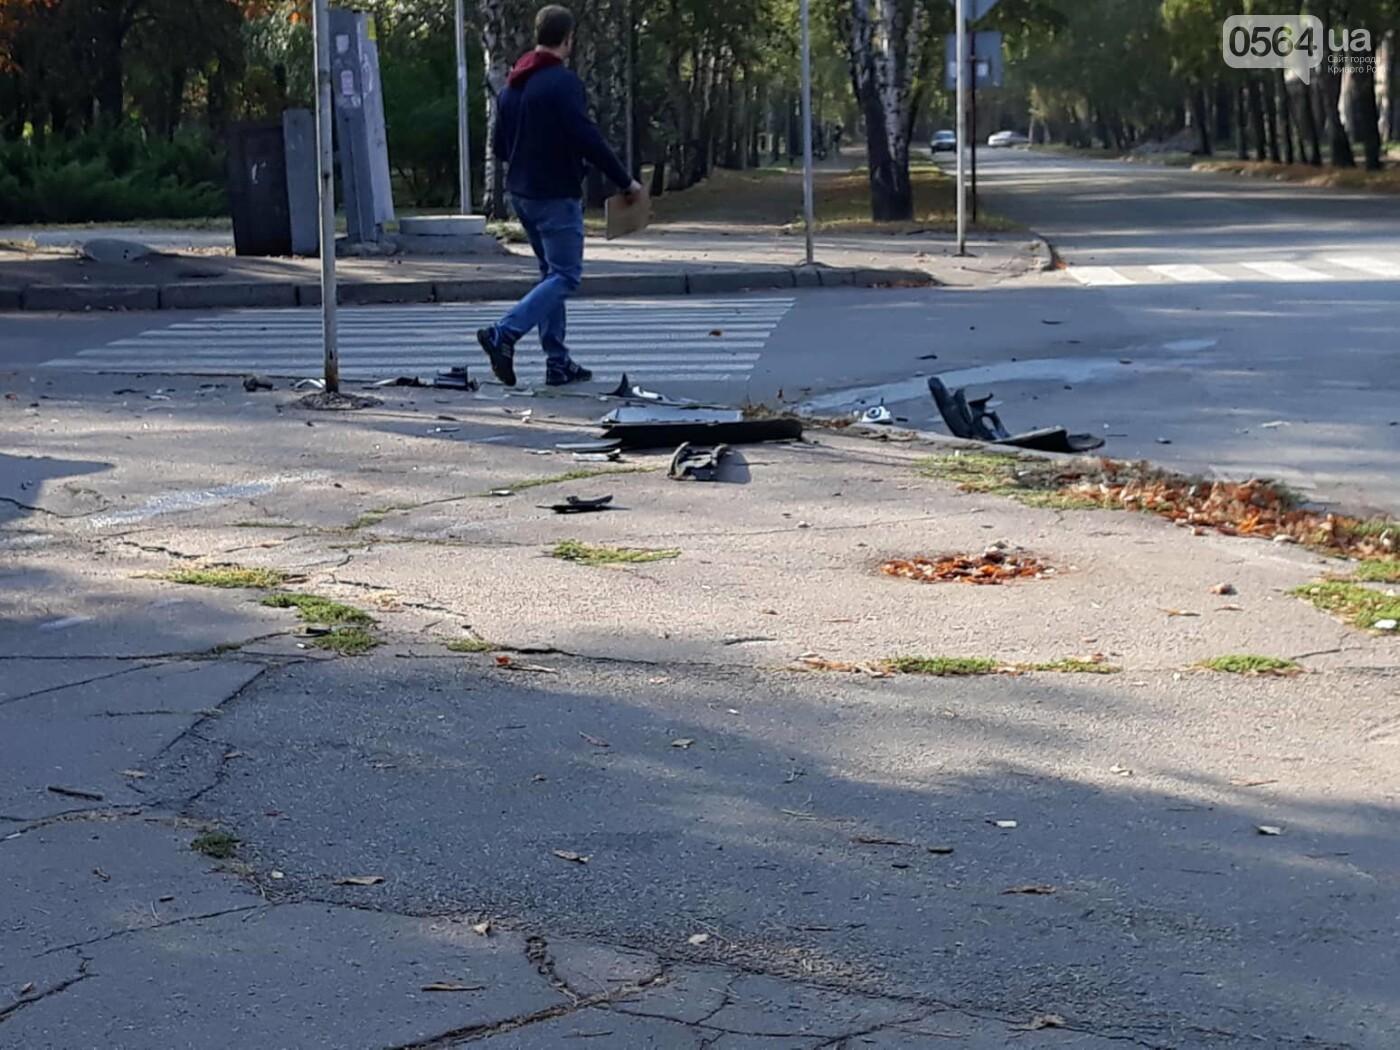 ДТП в Кривом Роге: от удара Chery выбросило далеко за пределы проезжей части, фото-3